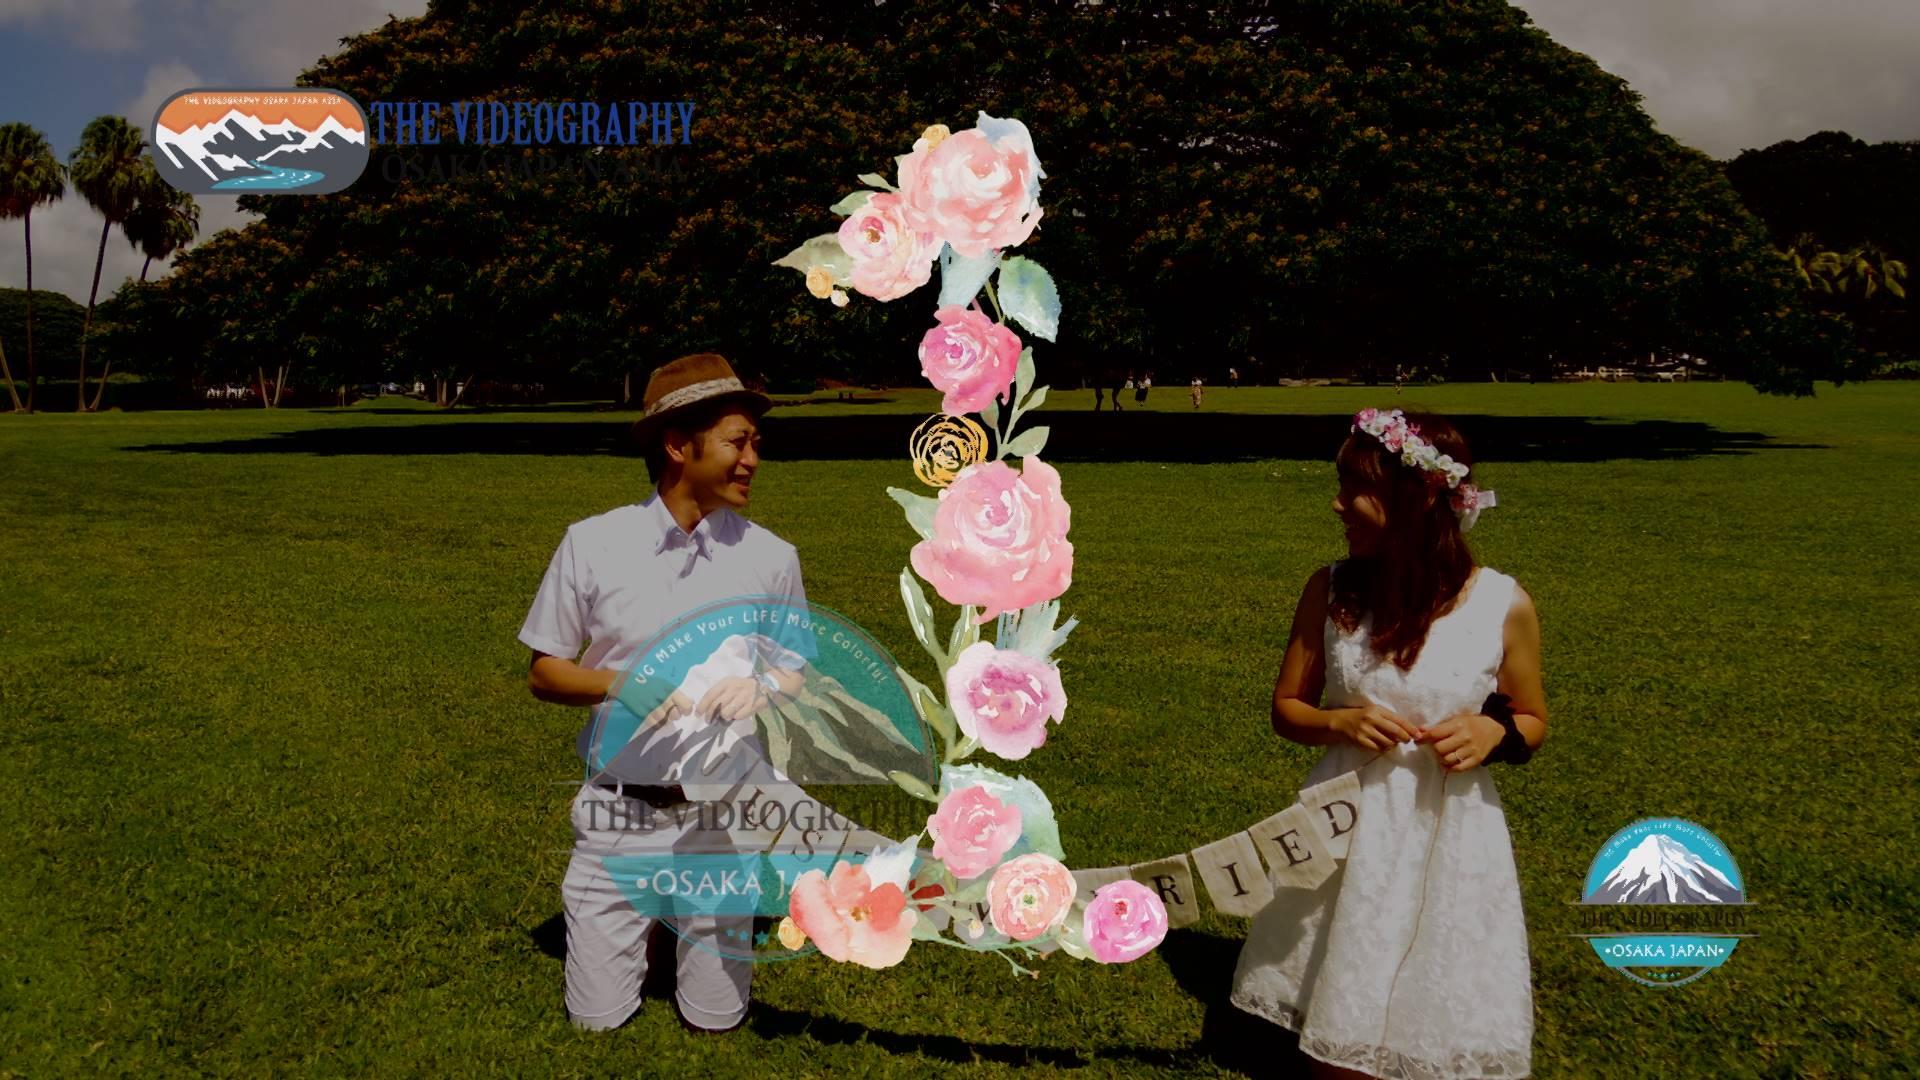 大阪 神戸 京都での結婚式 披露宴 二次会 誕生日など余興ムービー制作はビデオグラフィ